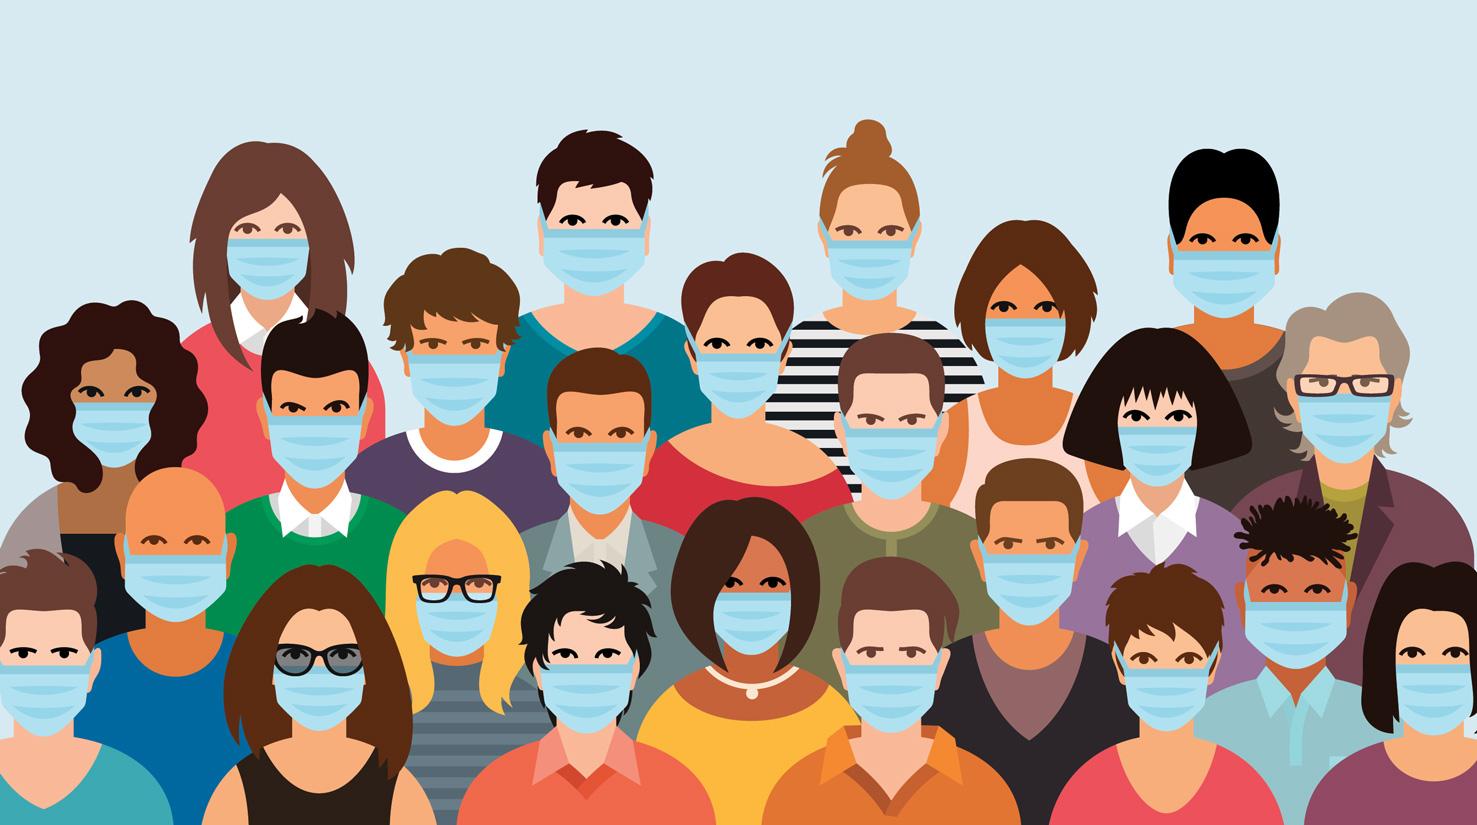 Coronavirus: supermercati presi d'assalto, scuole chiuse, divieti, eventi annullati. È psicosi tra la gente